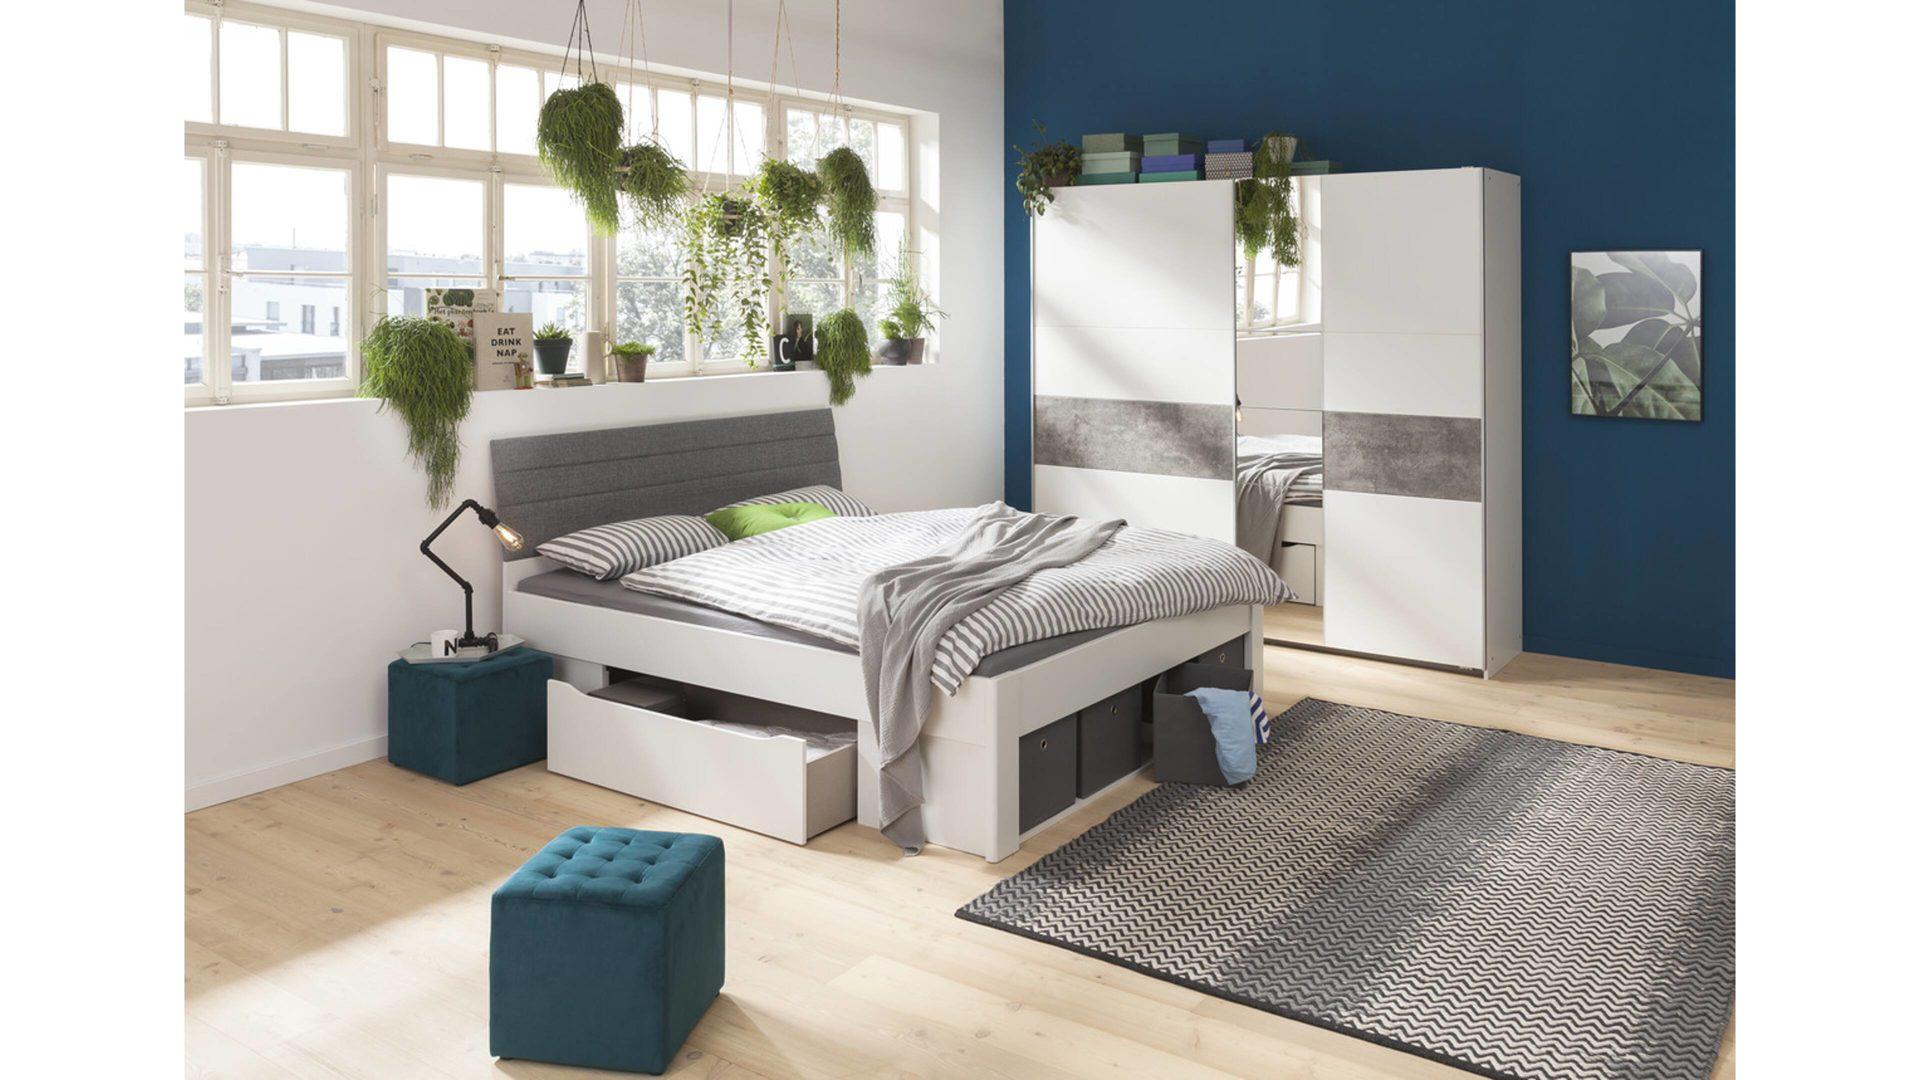 Möbel Bohn Crailsheim, Räume, Schlafzimmer, Betten, rauch, rauch ...